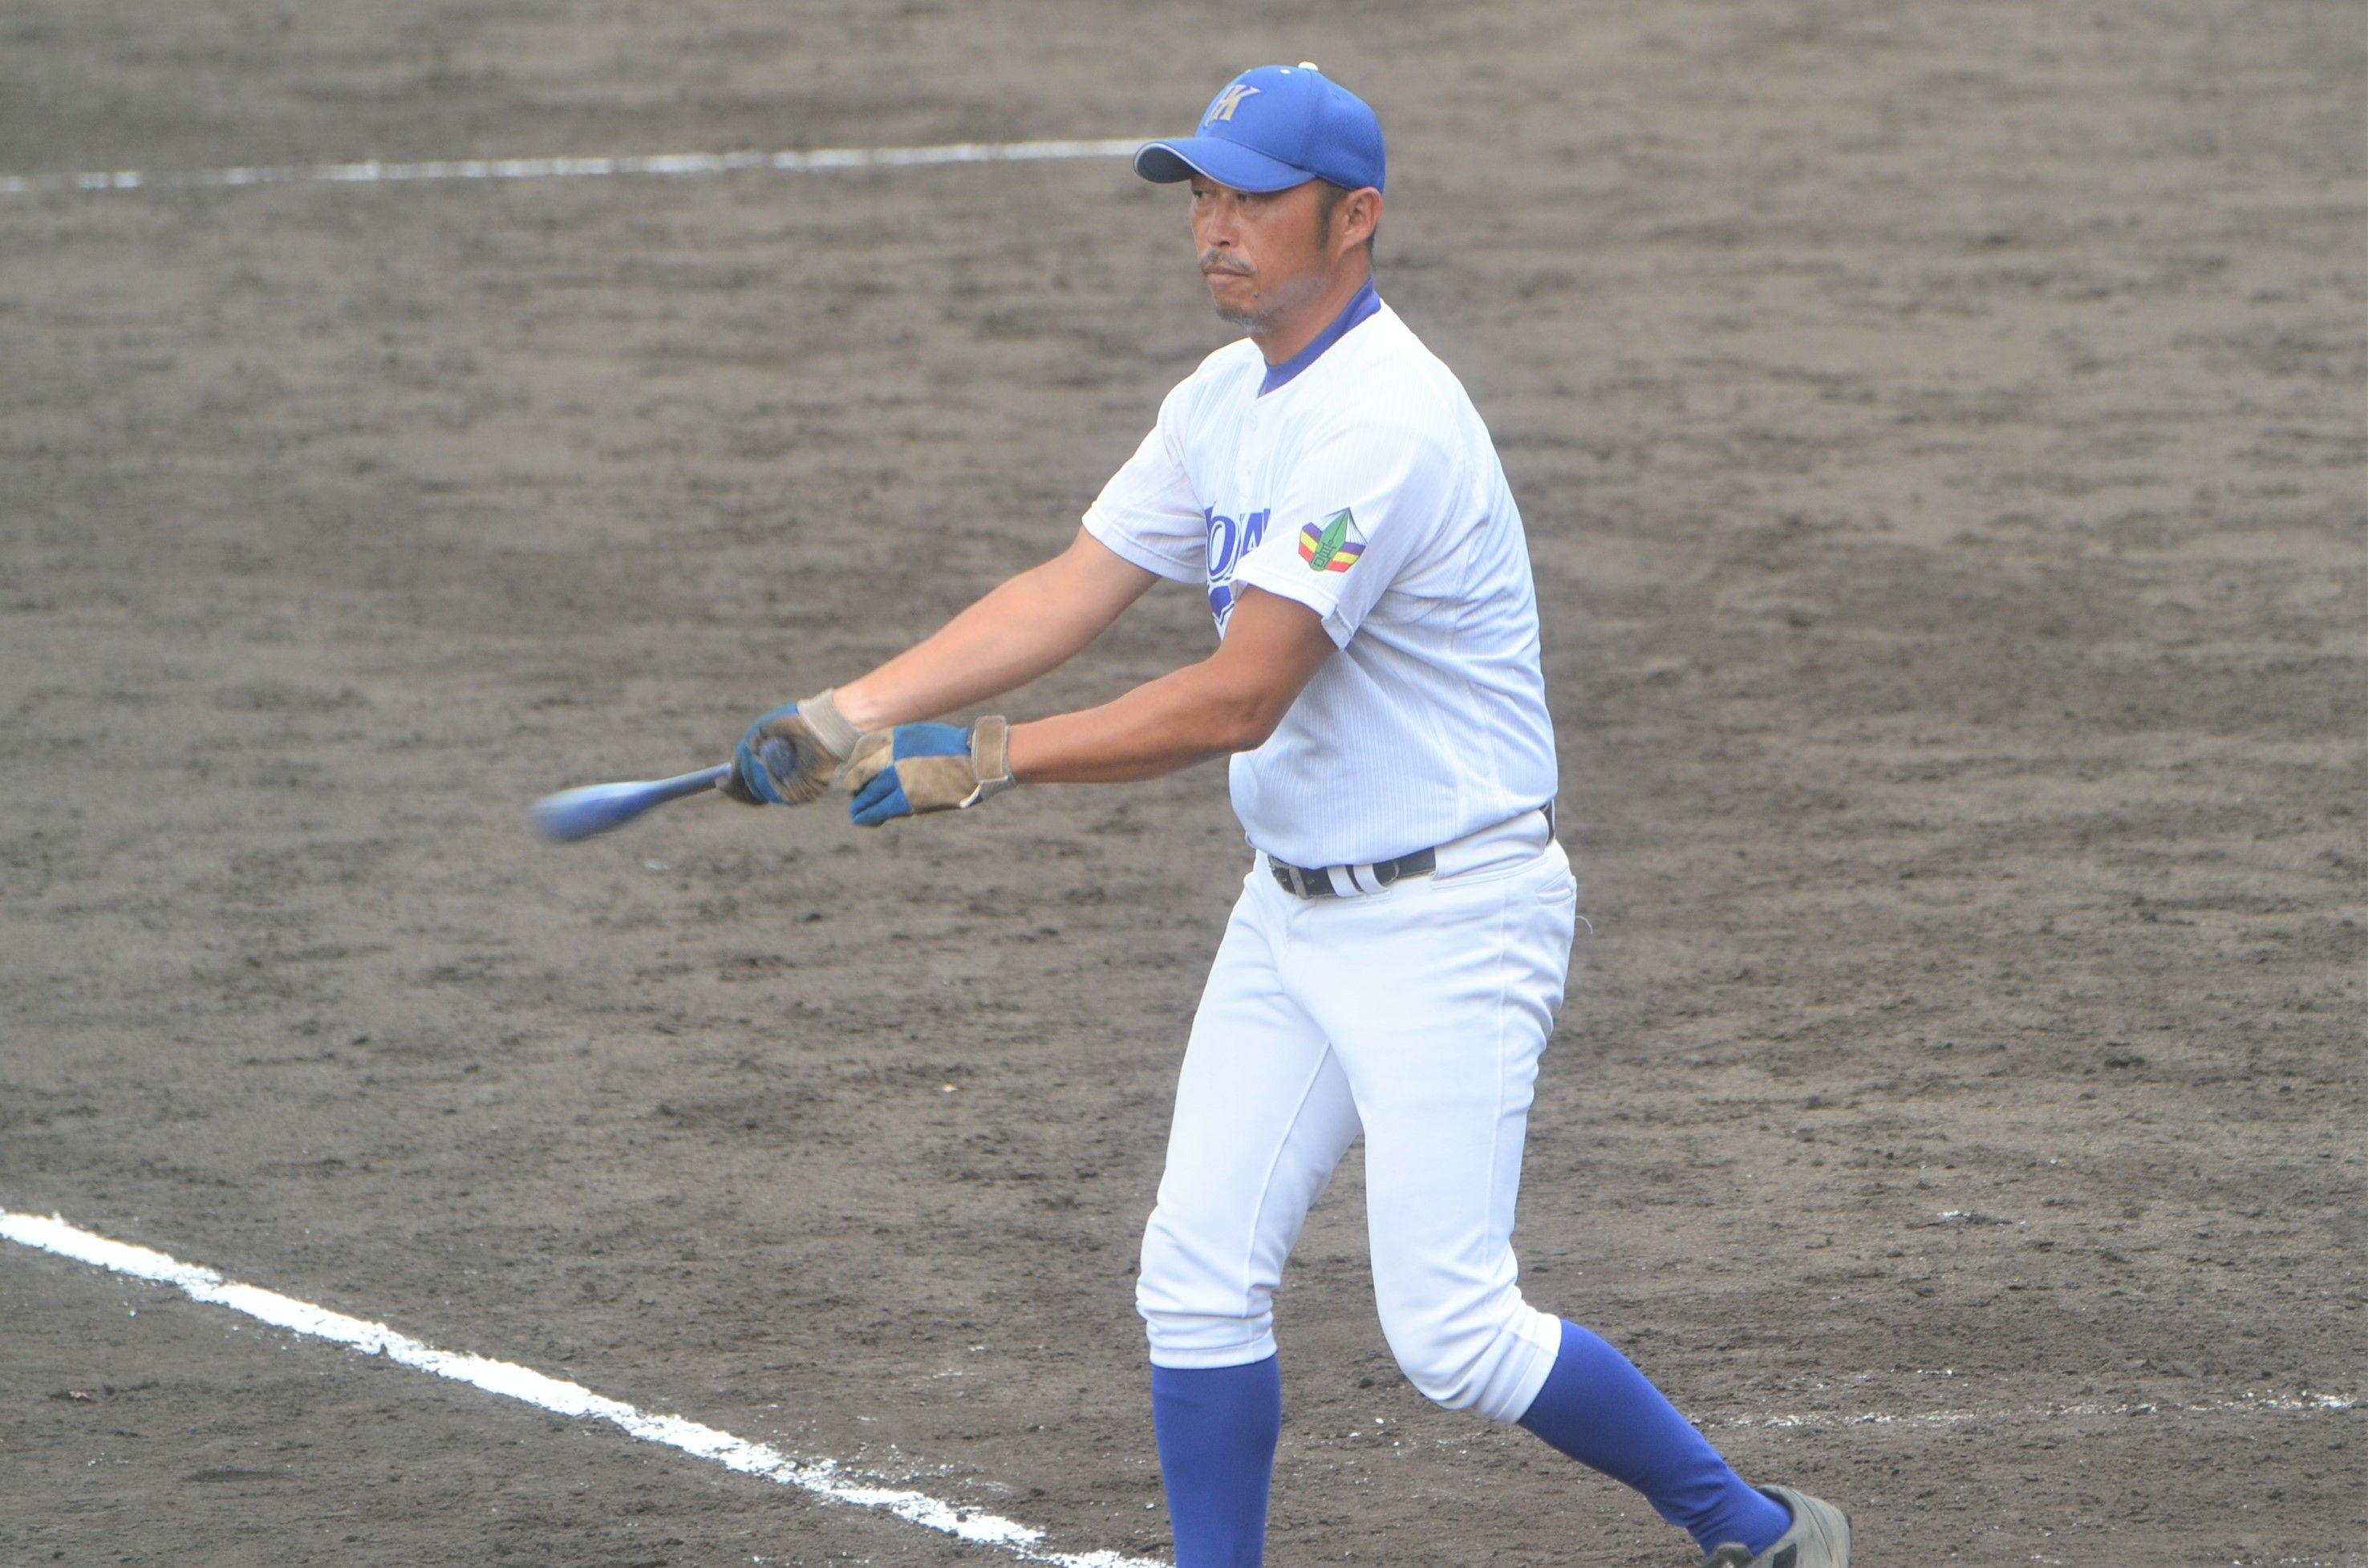 群馬県高校野球爆砕